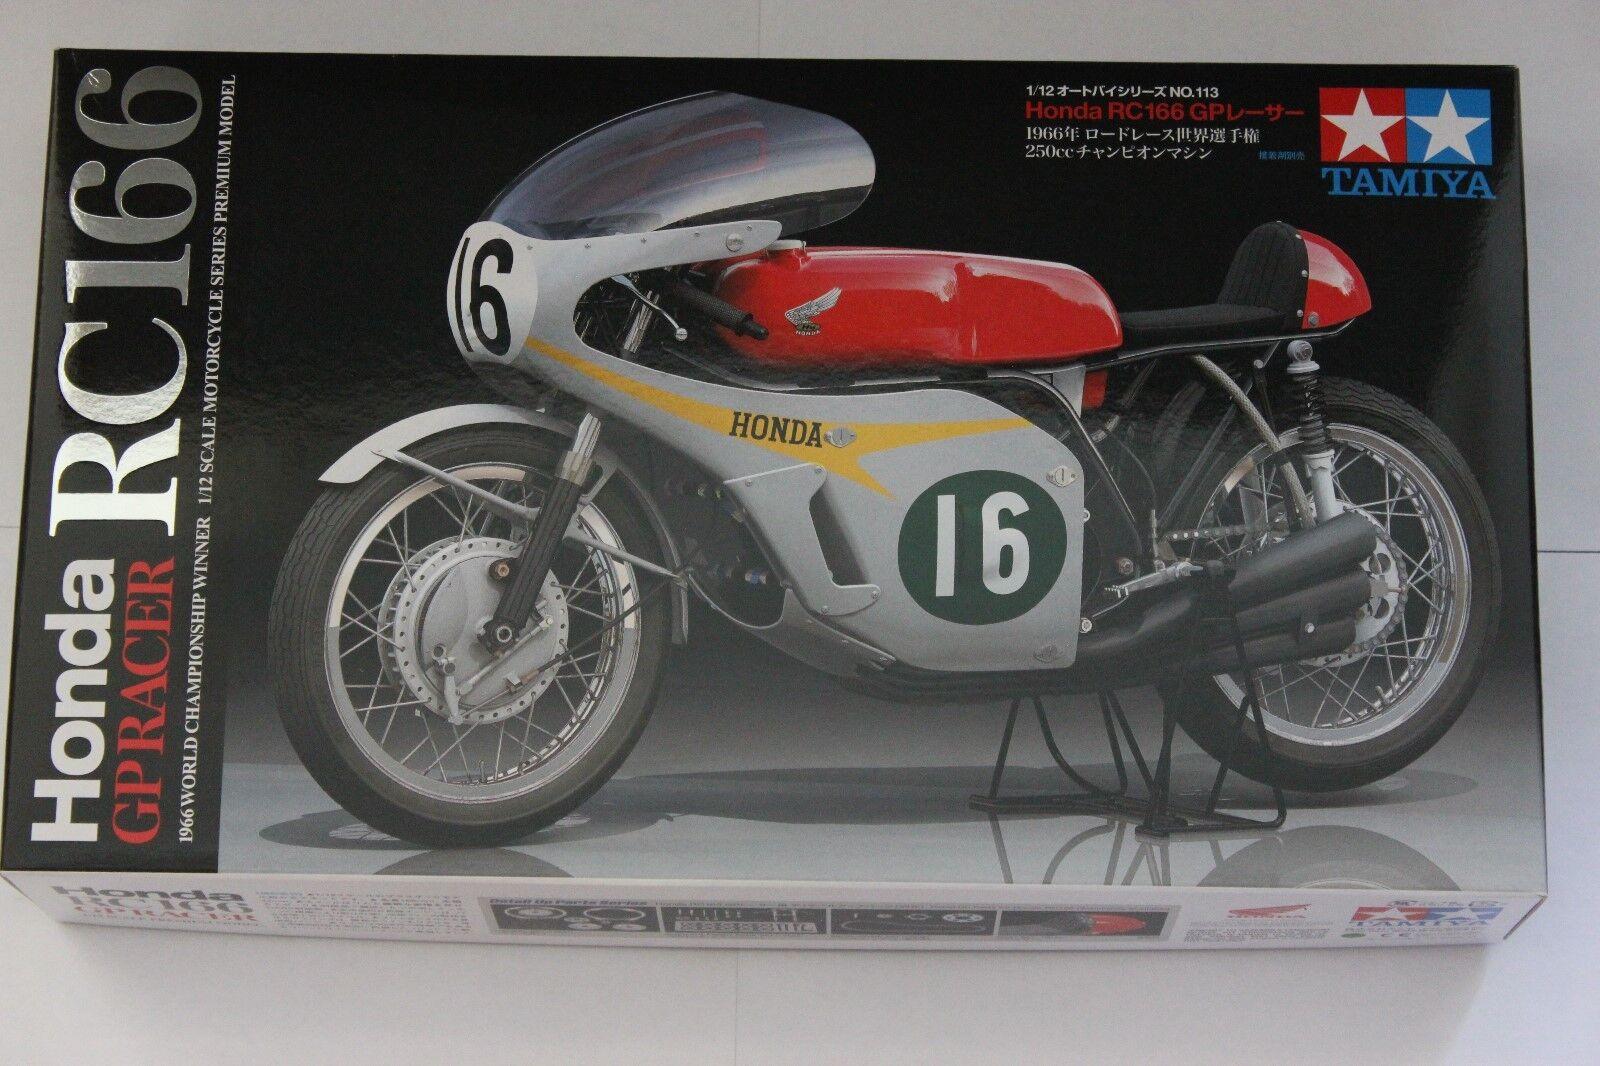 TAMIYA 14113 Honda RC166 50th Anniversary 1 12 Bike Model Kit